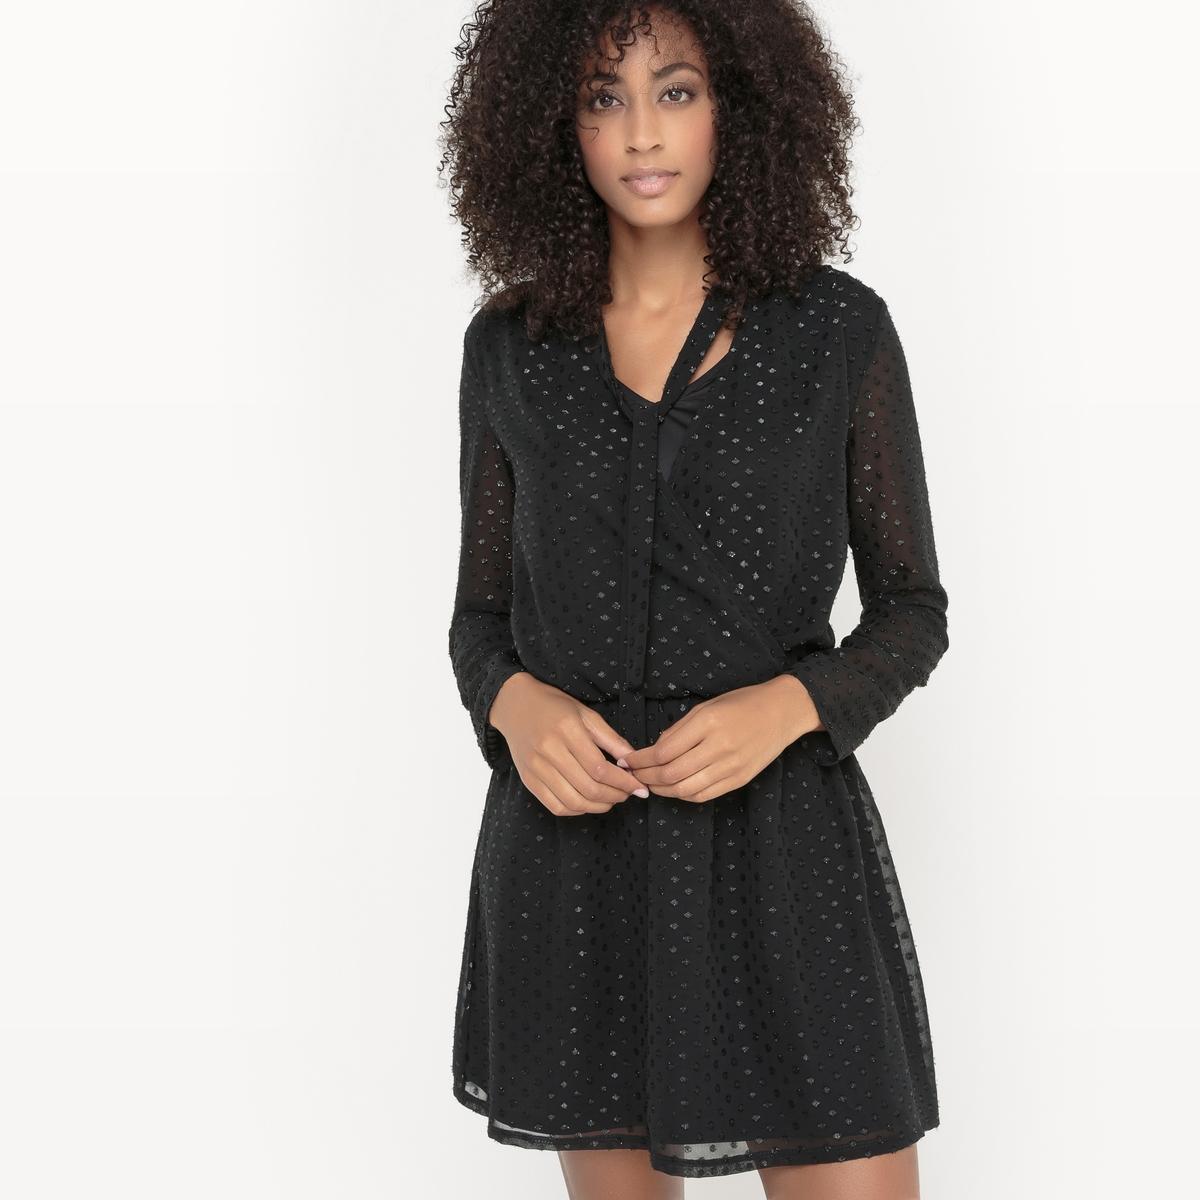 Платье с длинными рукавами VIPETRAS DRESSПлатье с длинными рукавами VIPETRAS DRESS от VILA . Платье прямого покроя. Наложение ткани с эффектом вуали . Эффект плиссировки. Присборено на талии.  V-образный вырез с галстуком-лавальер  .Состав и описание :Материал : 100% полиэстерМарка : VILA.<br><br>Цвет: черный<br>Размер: L